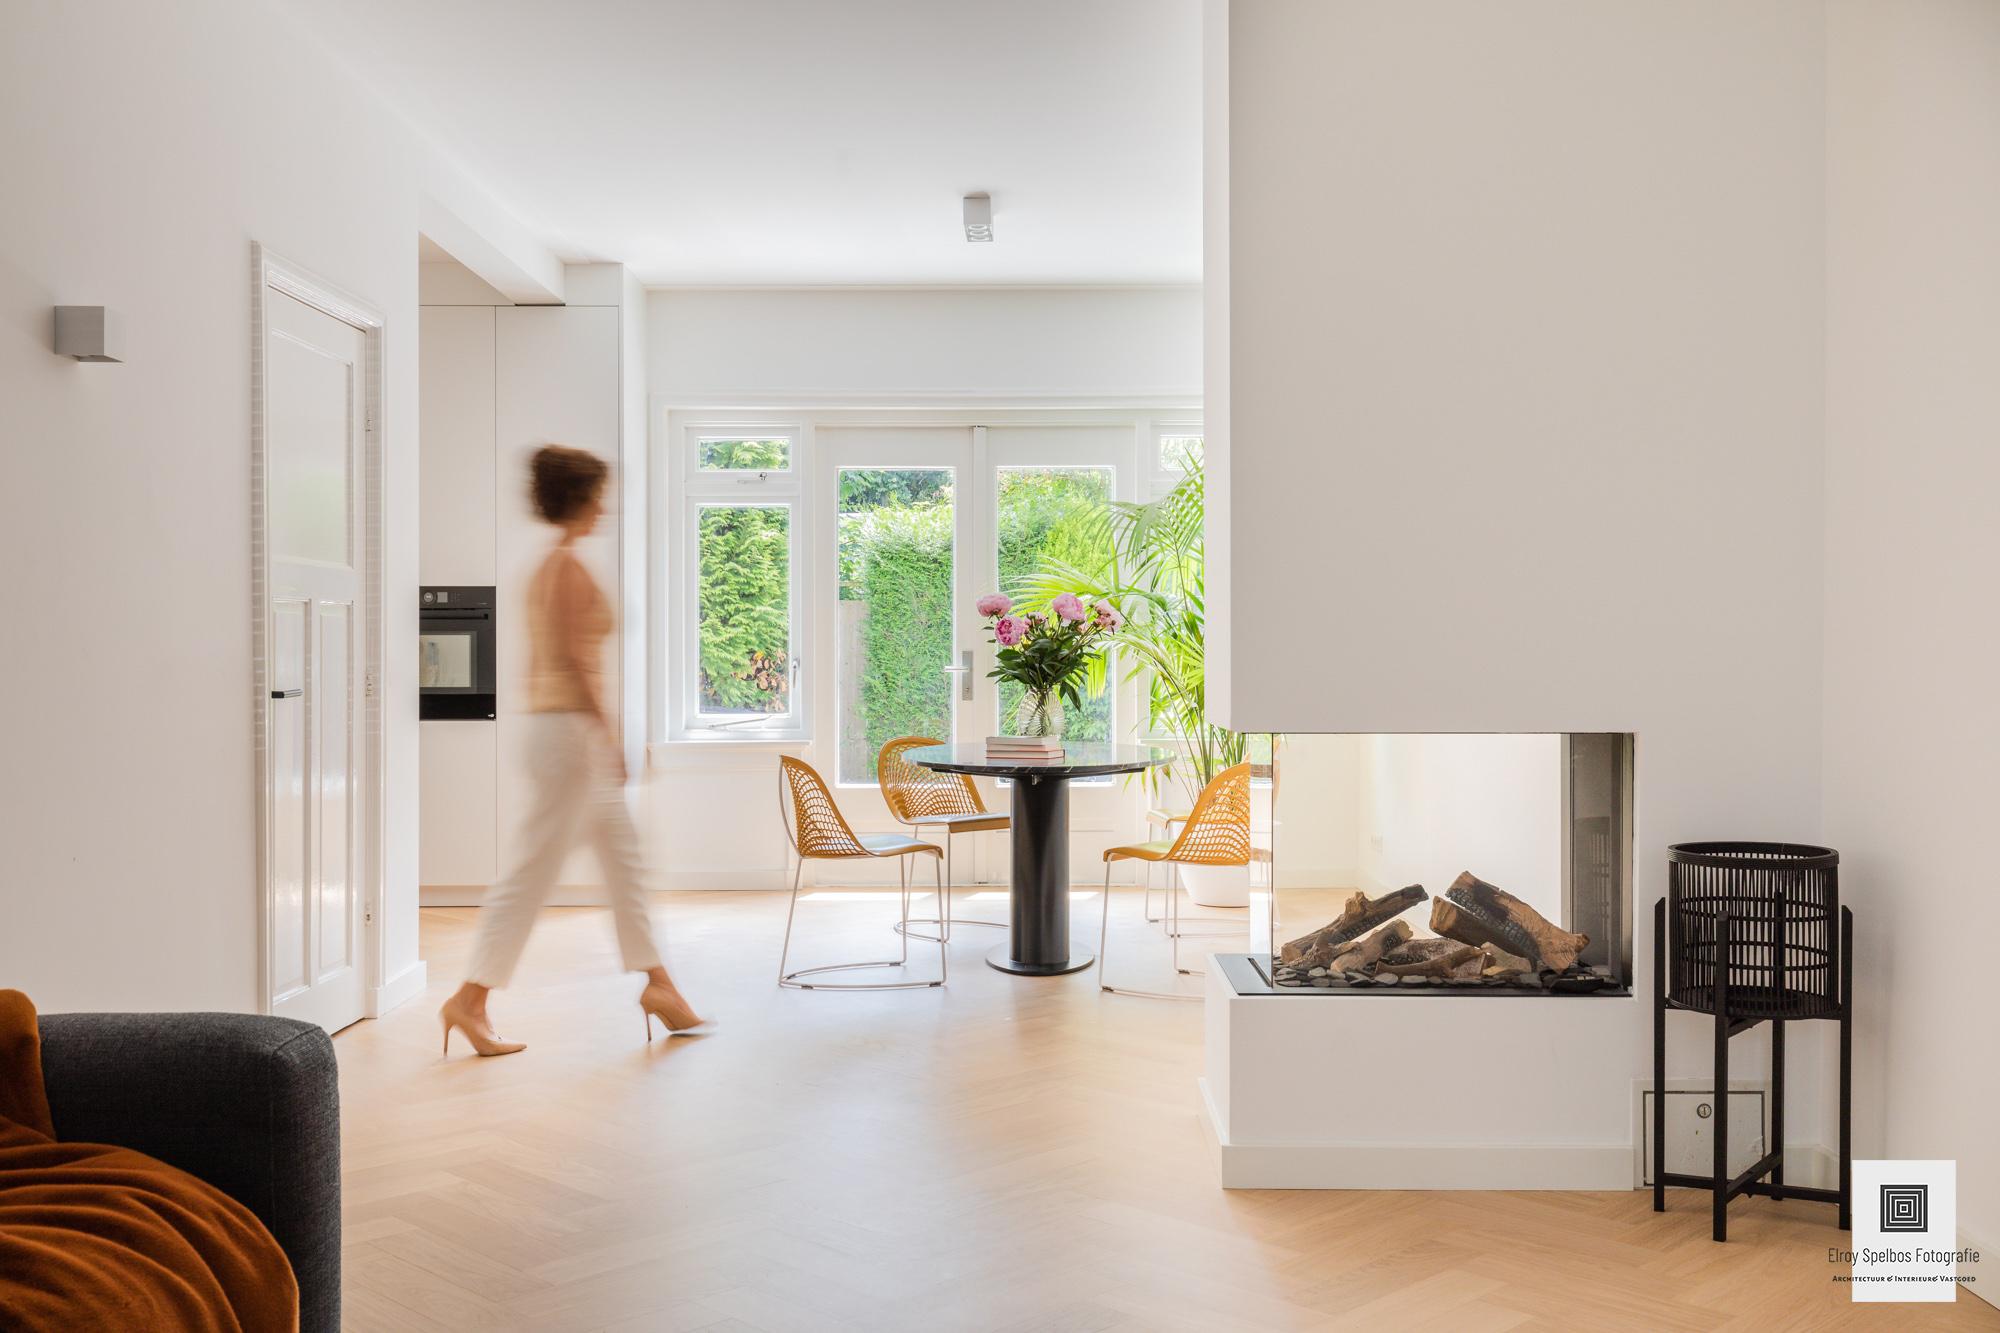 Interieur van woning met persoon in beeld